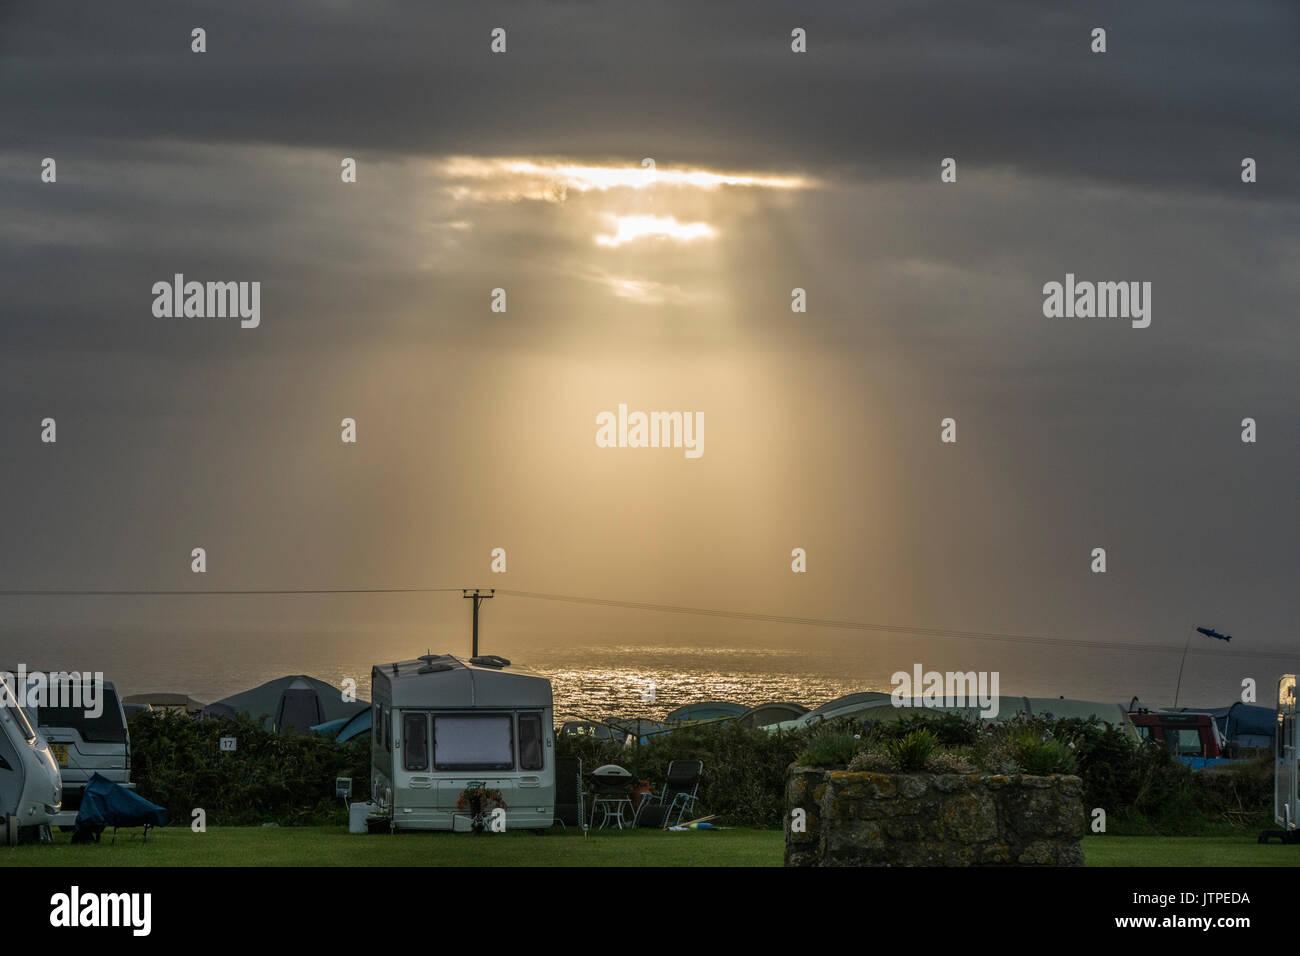 Sonnenstrahlen brechen durch Cloud und Beleuchtung bis zum Meer neben einem Campingplatz in Sennen (in der Nähe von Lands End), Penzance, Corwall, England, UK. Stockbild